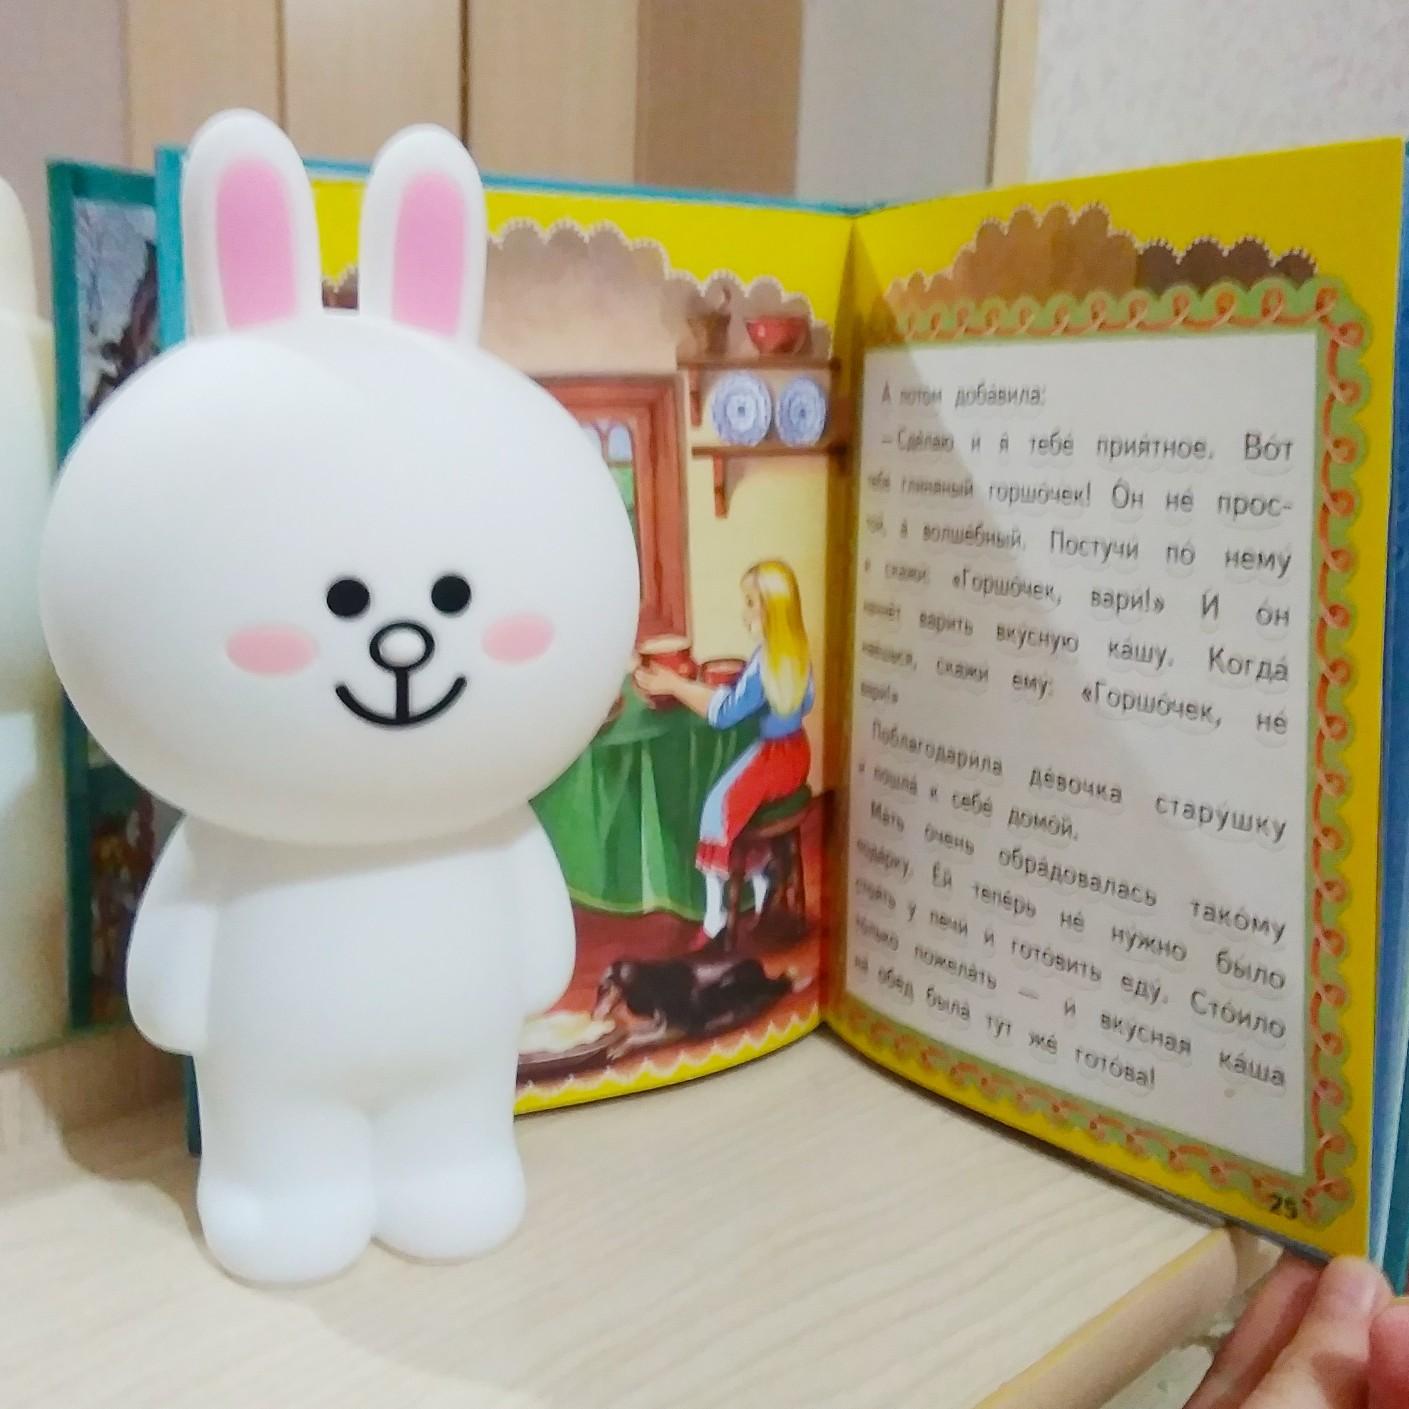 Очень милый пенал зайчик из магазина PUA_Boy Store.